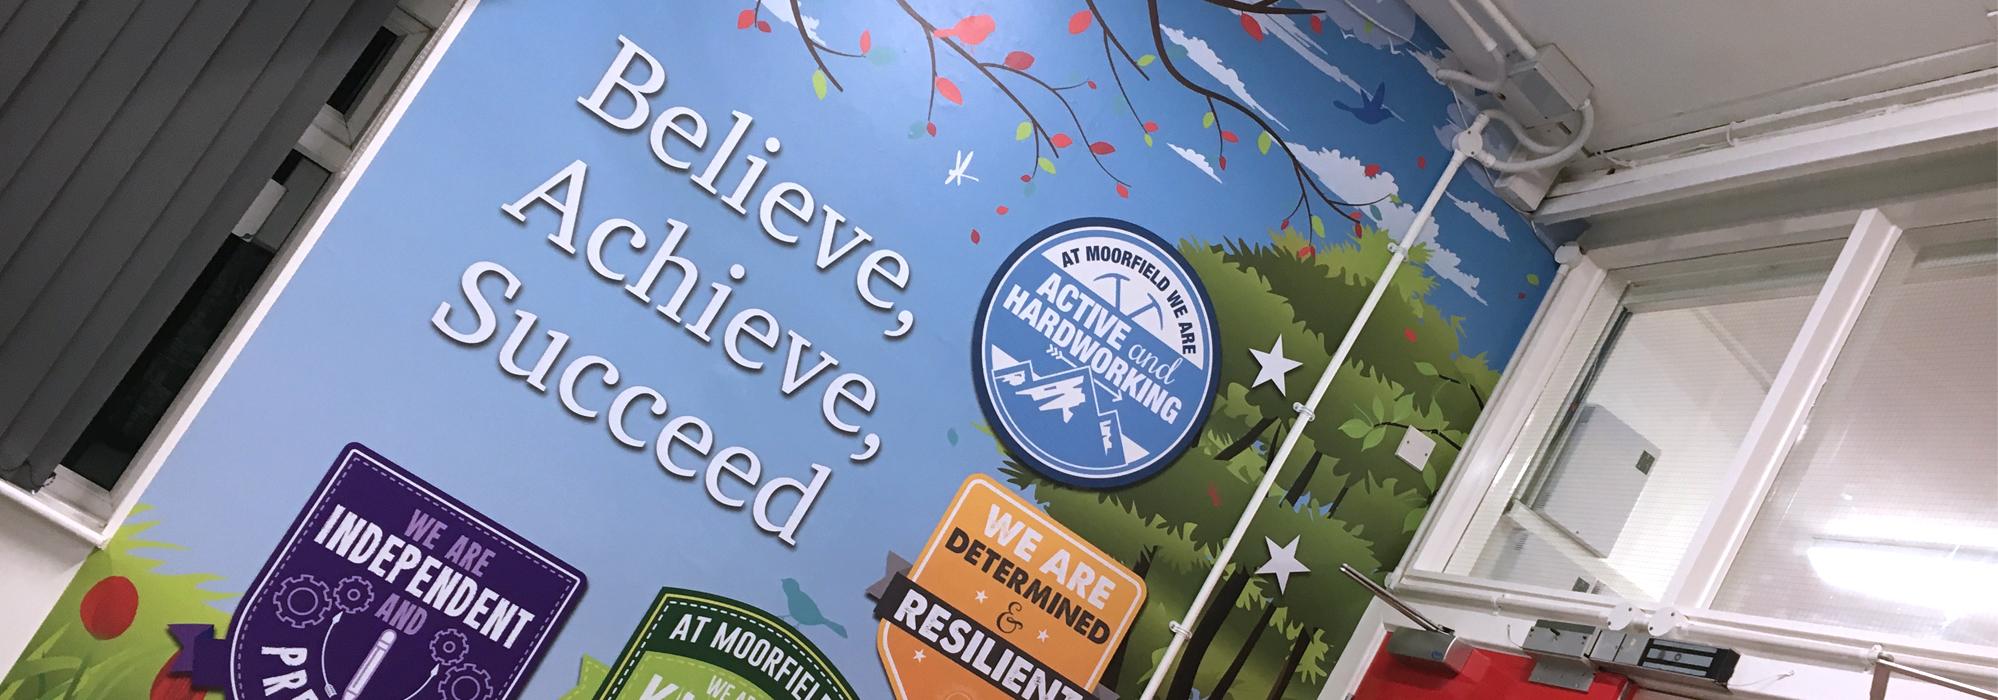 uk school wall graphics in moorfield